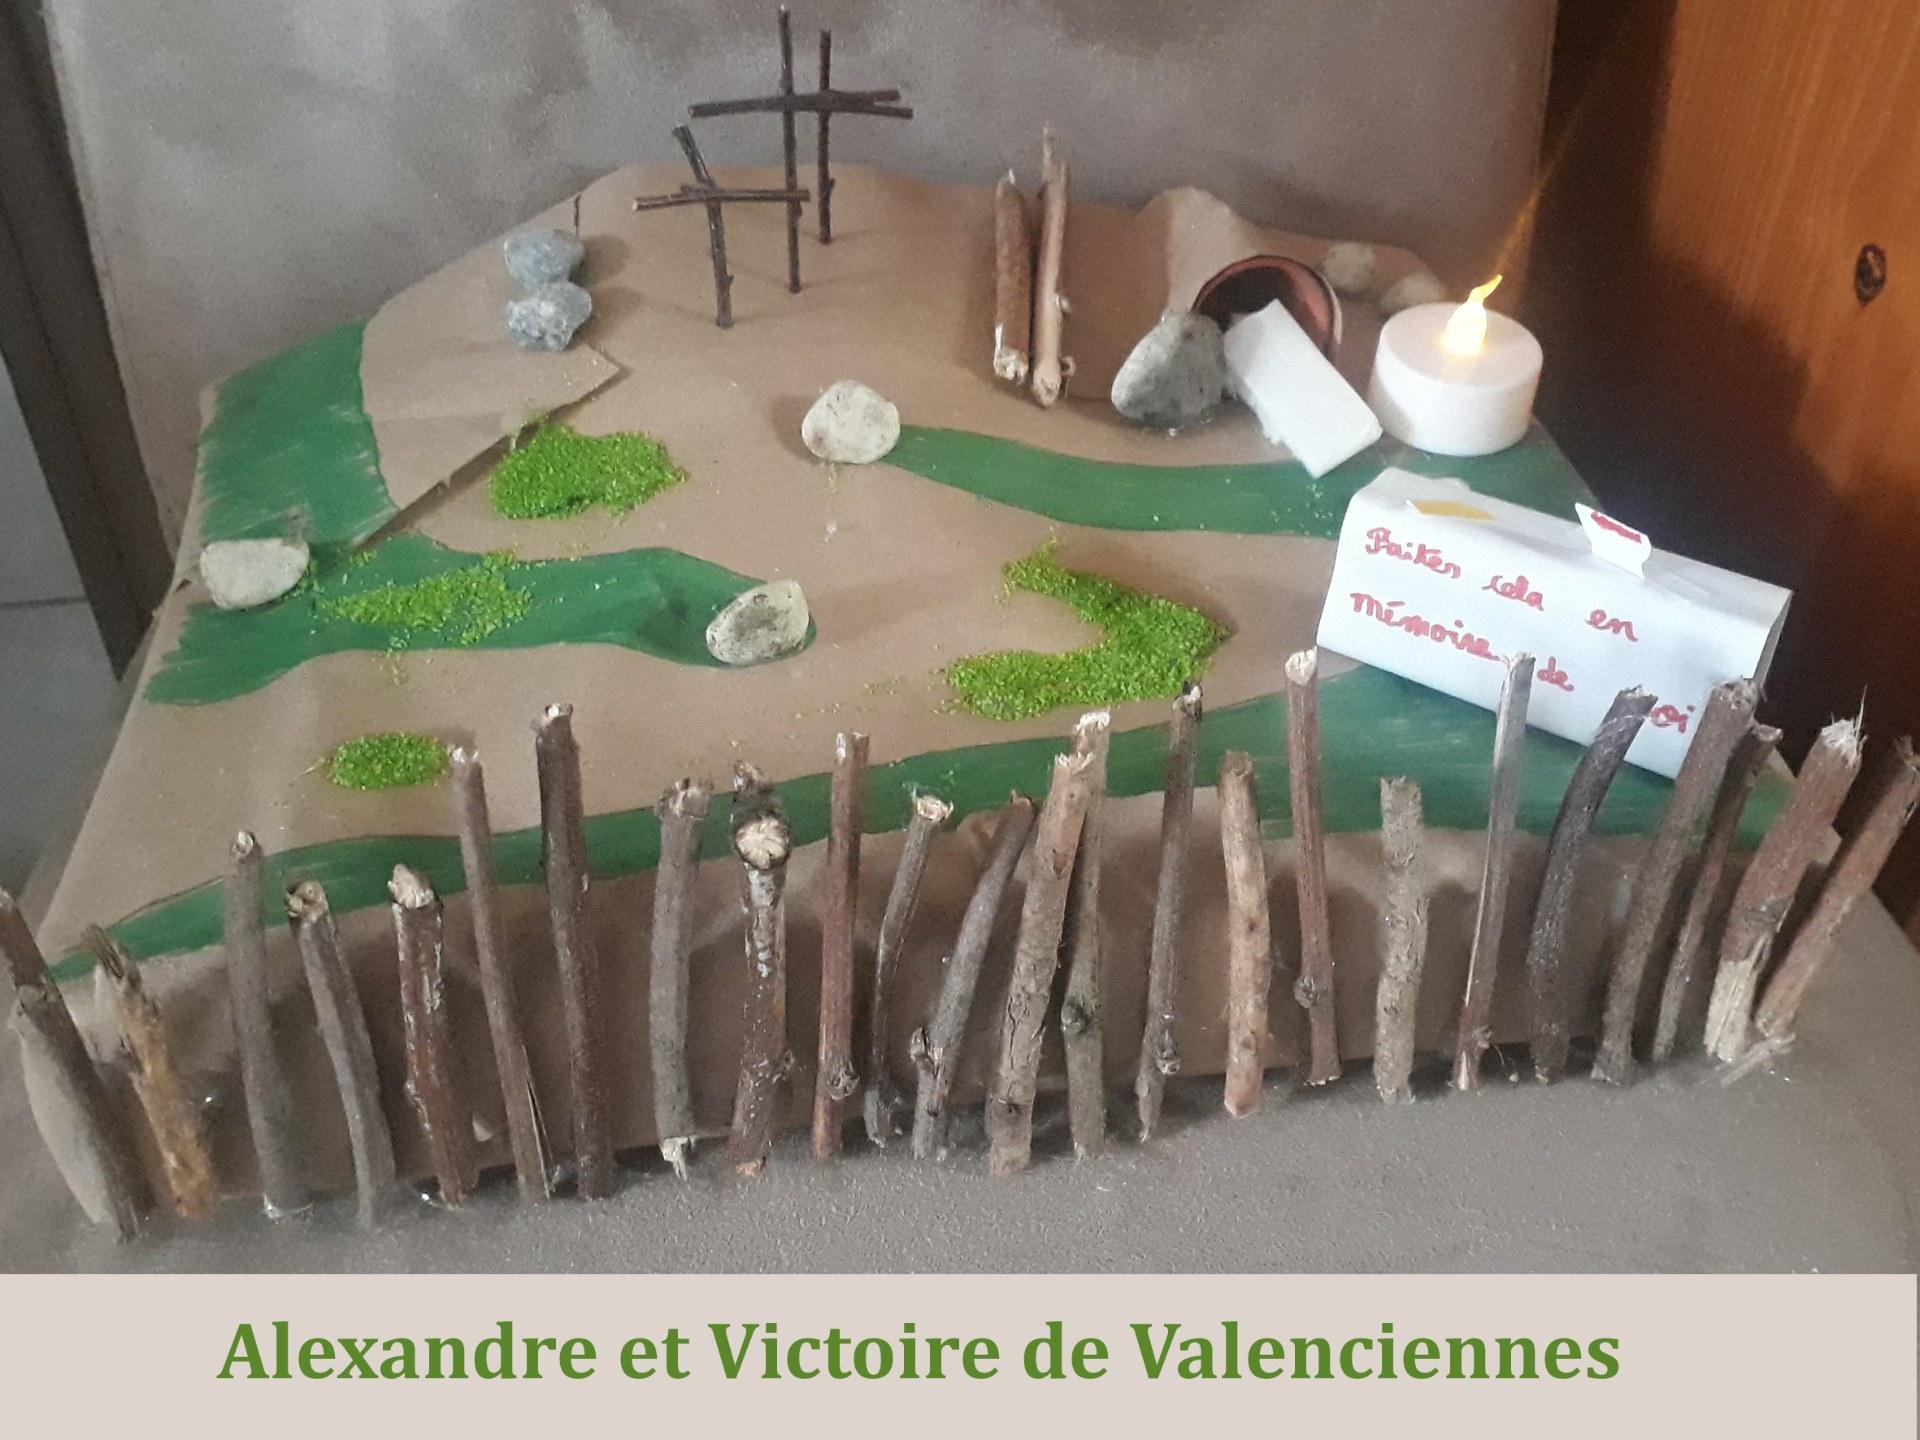 Jardin_Paques_2021 alexandre et victoire